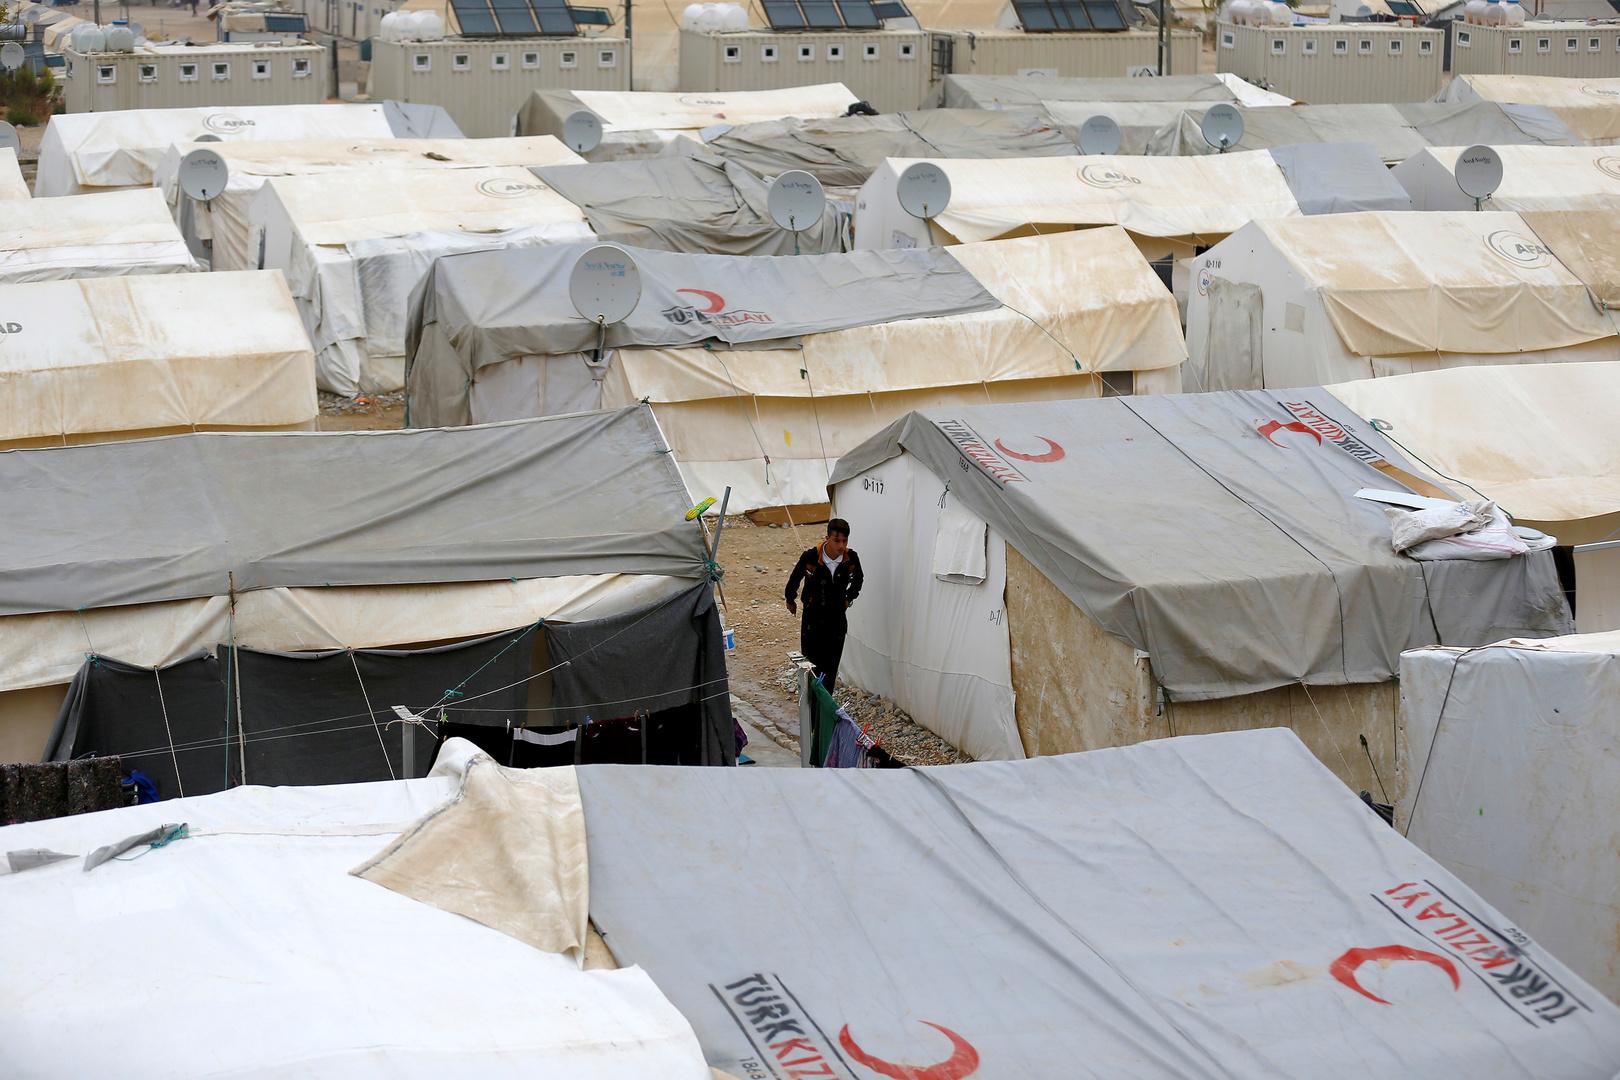 مخيم للاجئين السوريين في تركيا، أرشيف